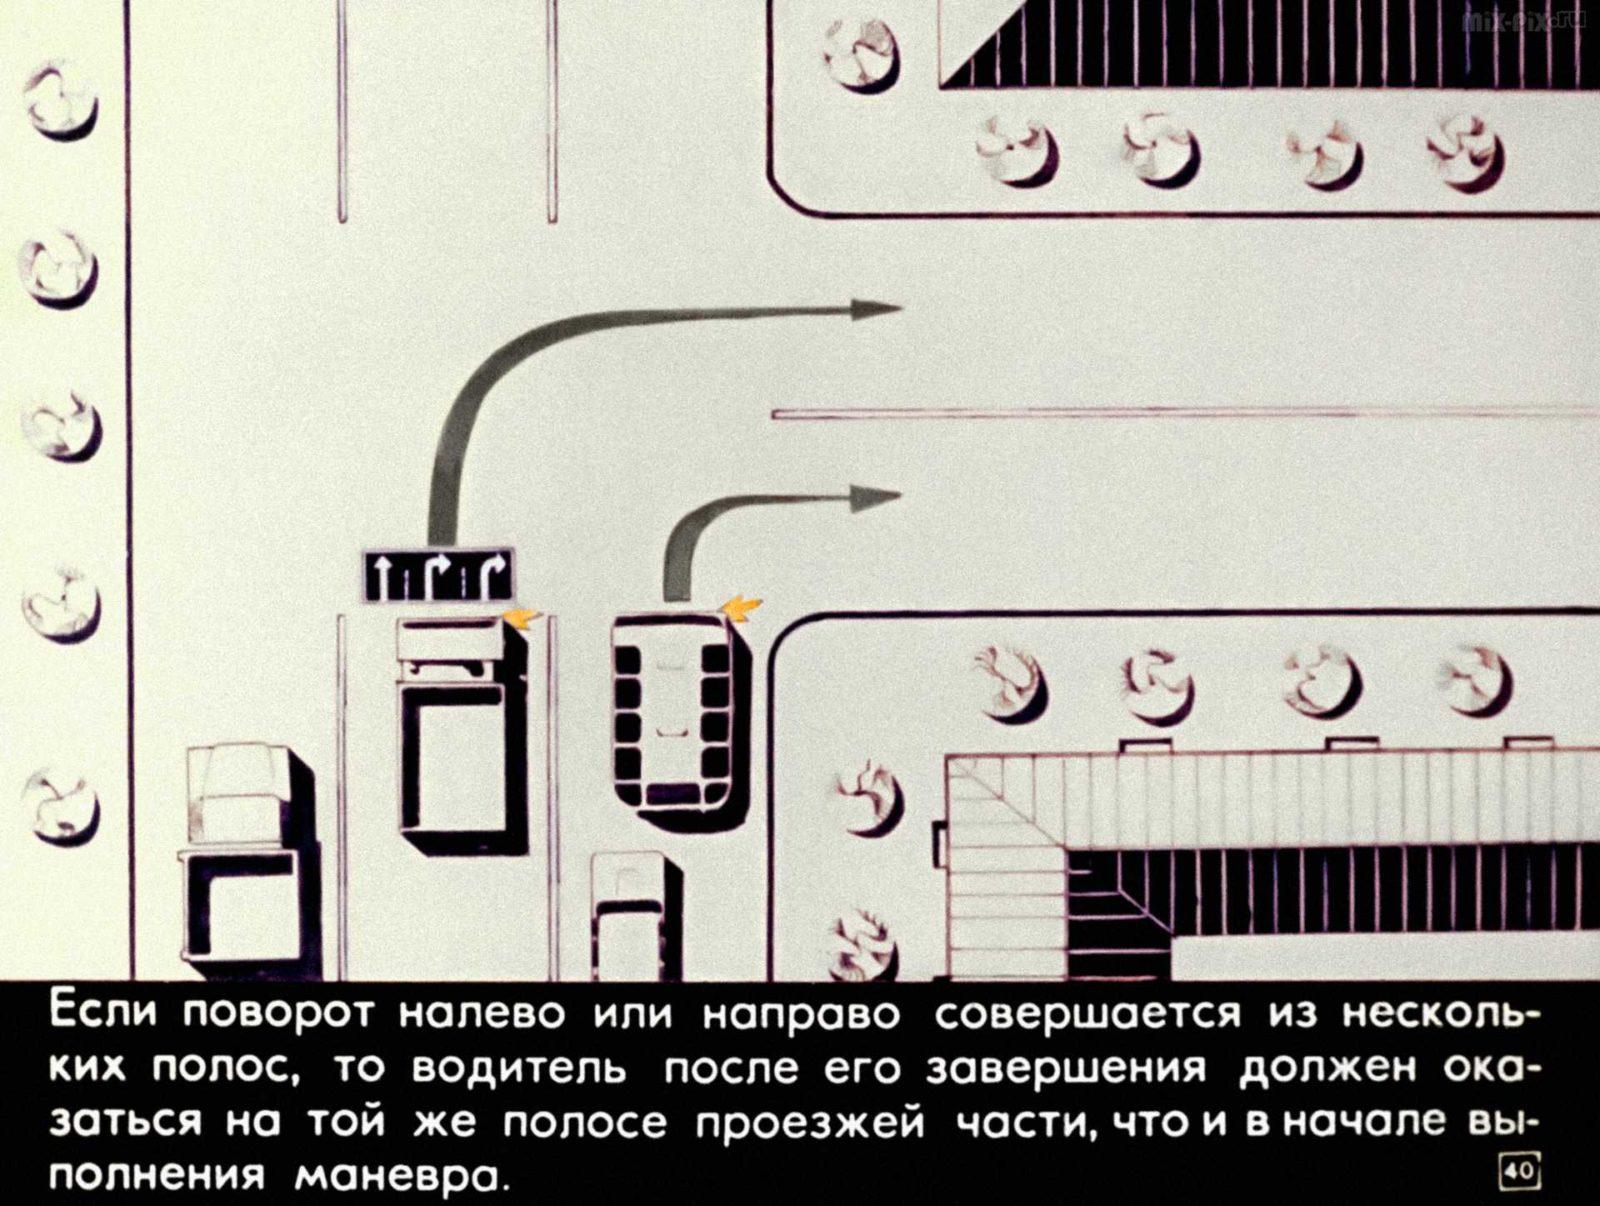 Правила дорожного движения. Расположение транспортных средств на проезжей части. Начало движения. Маневрирование (1983) 50